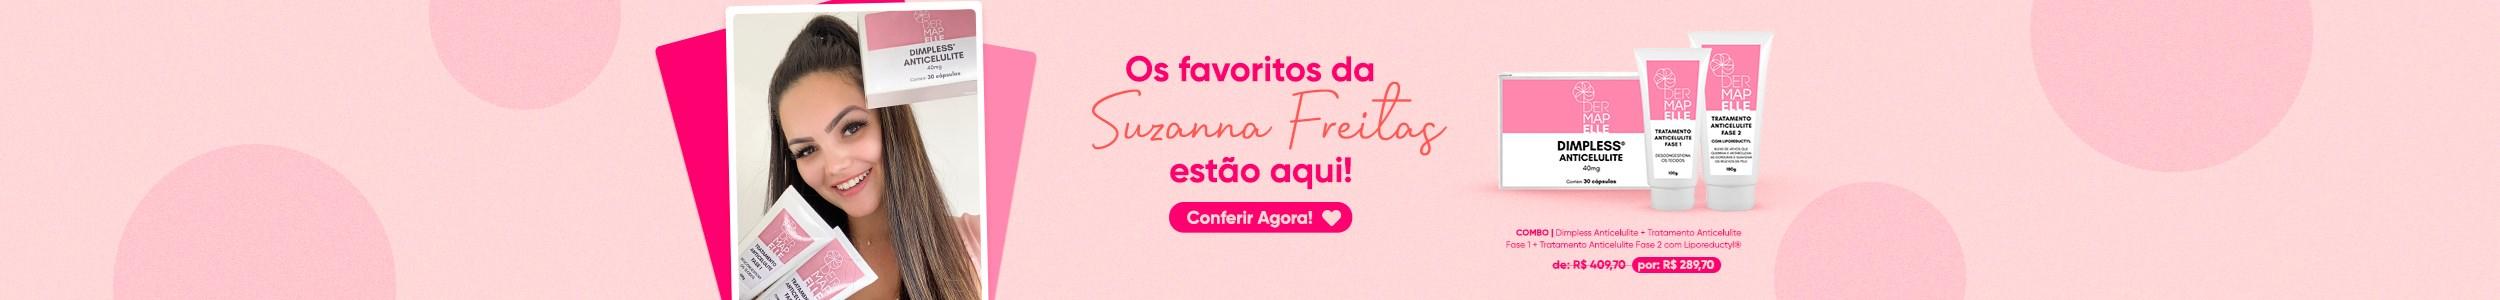 Favoritos da Suzanna